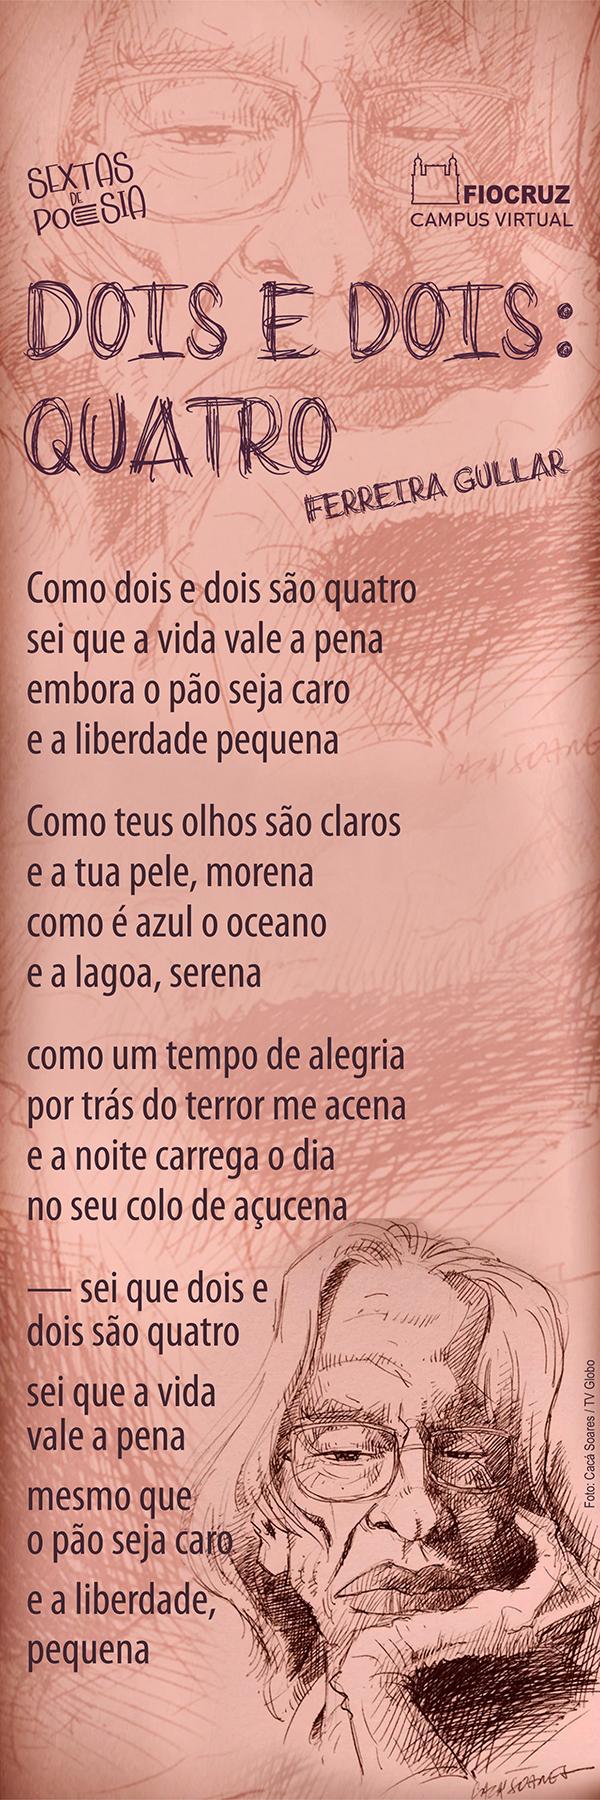 Sextas de Poesia traz Ferreira Gular